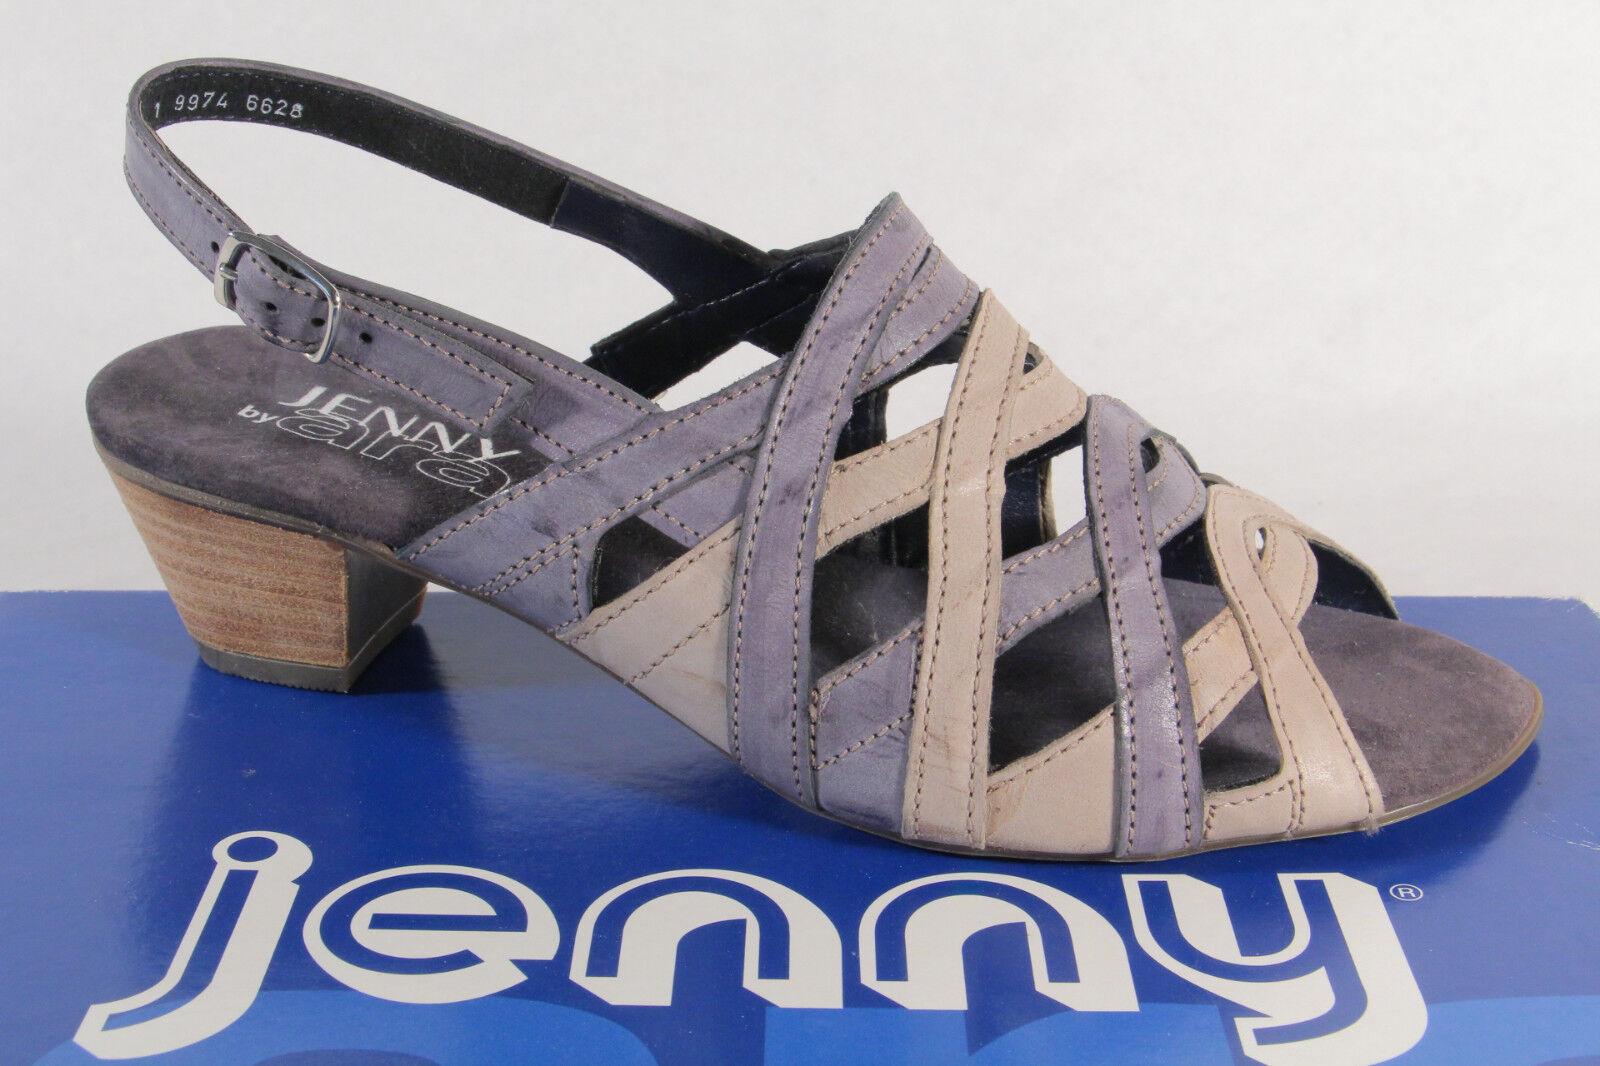 Jenny By Ara Sandalias Honda Cuero Cuero Cuero Auténtico gris Azul Nuevo  presentando toda la última moda de la calle